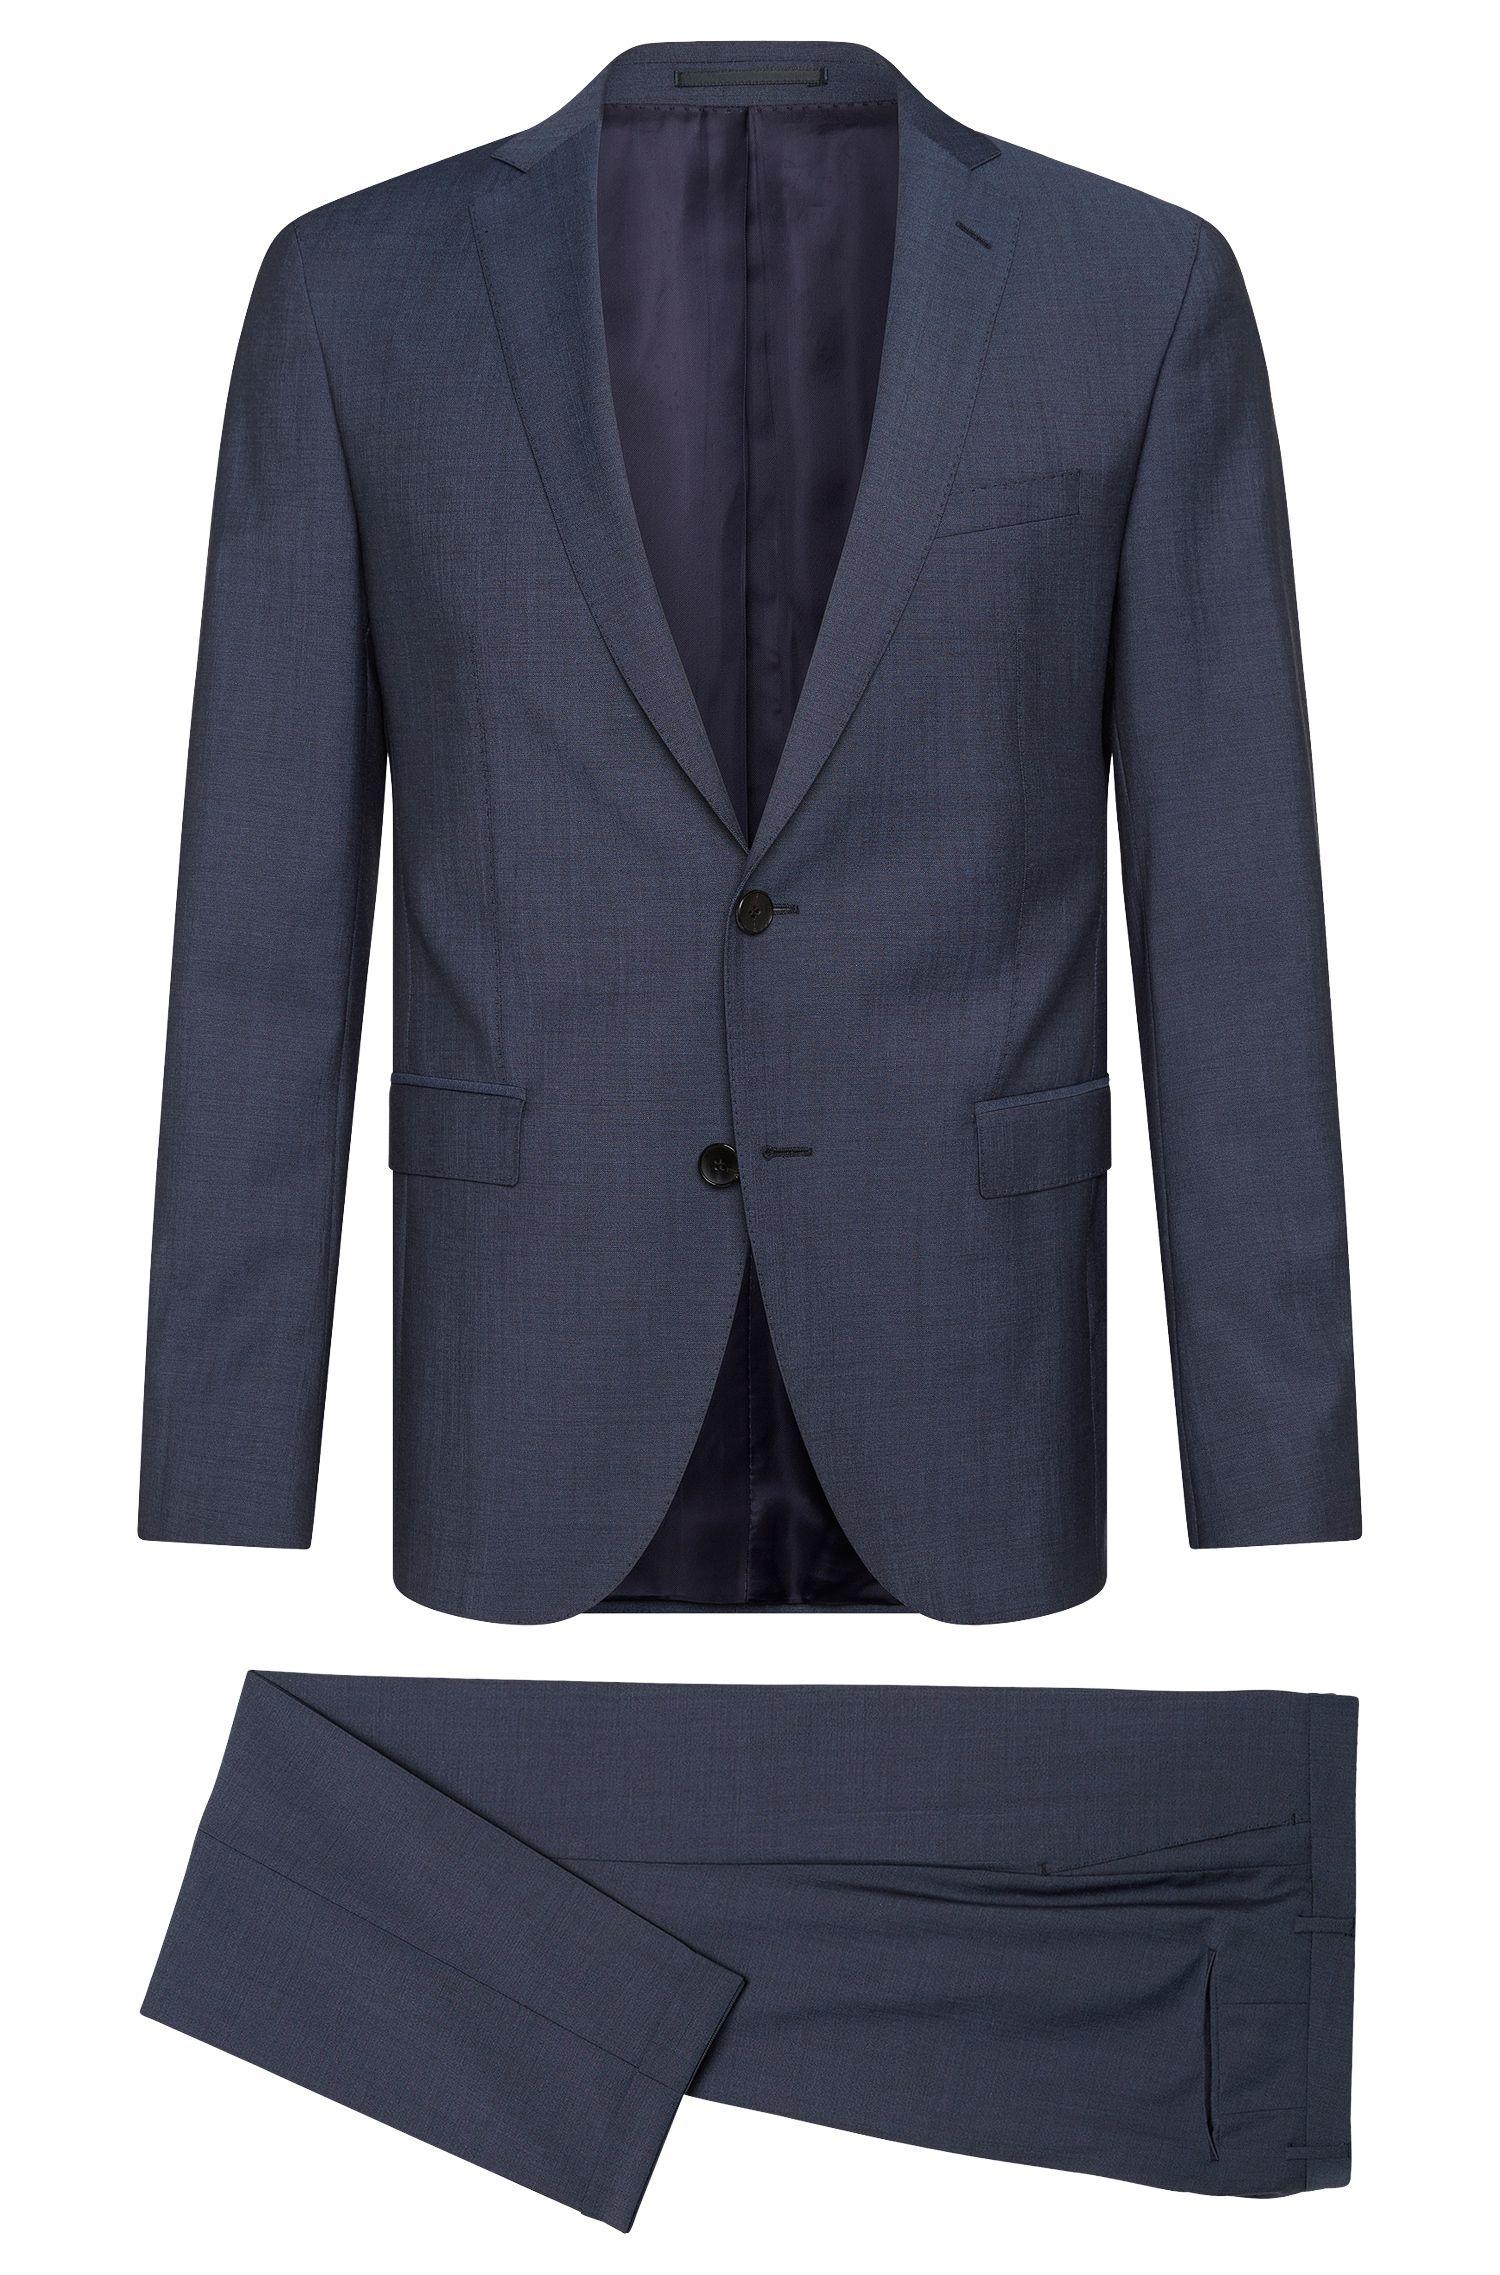 Virgin Wool-Mohair Blend Suit, Extra-Slim Fit | Reyno/Wave, Dark Blue